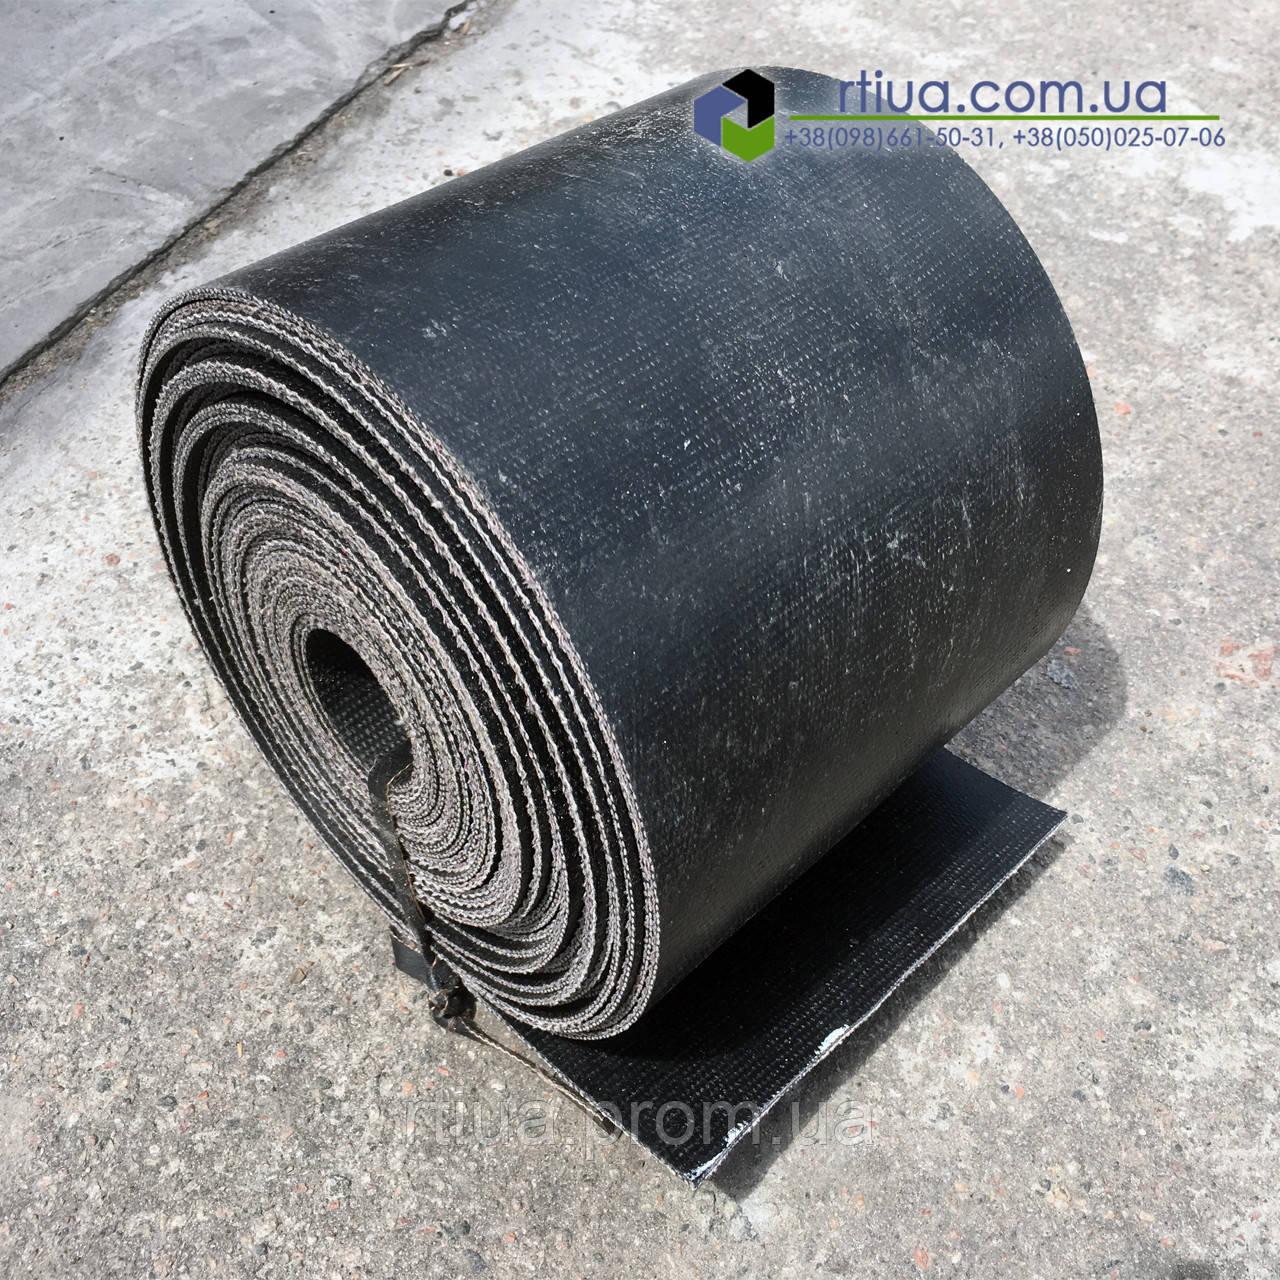 Транспортерная лента БКНЛ, 175х6 мм